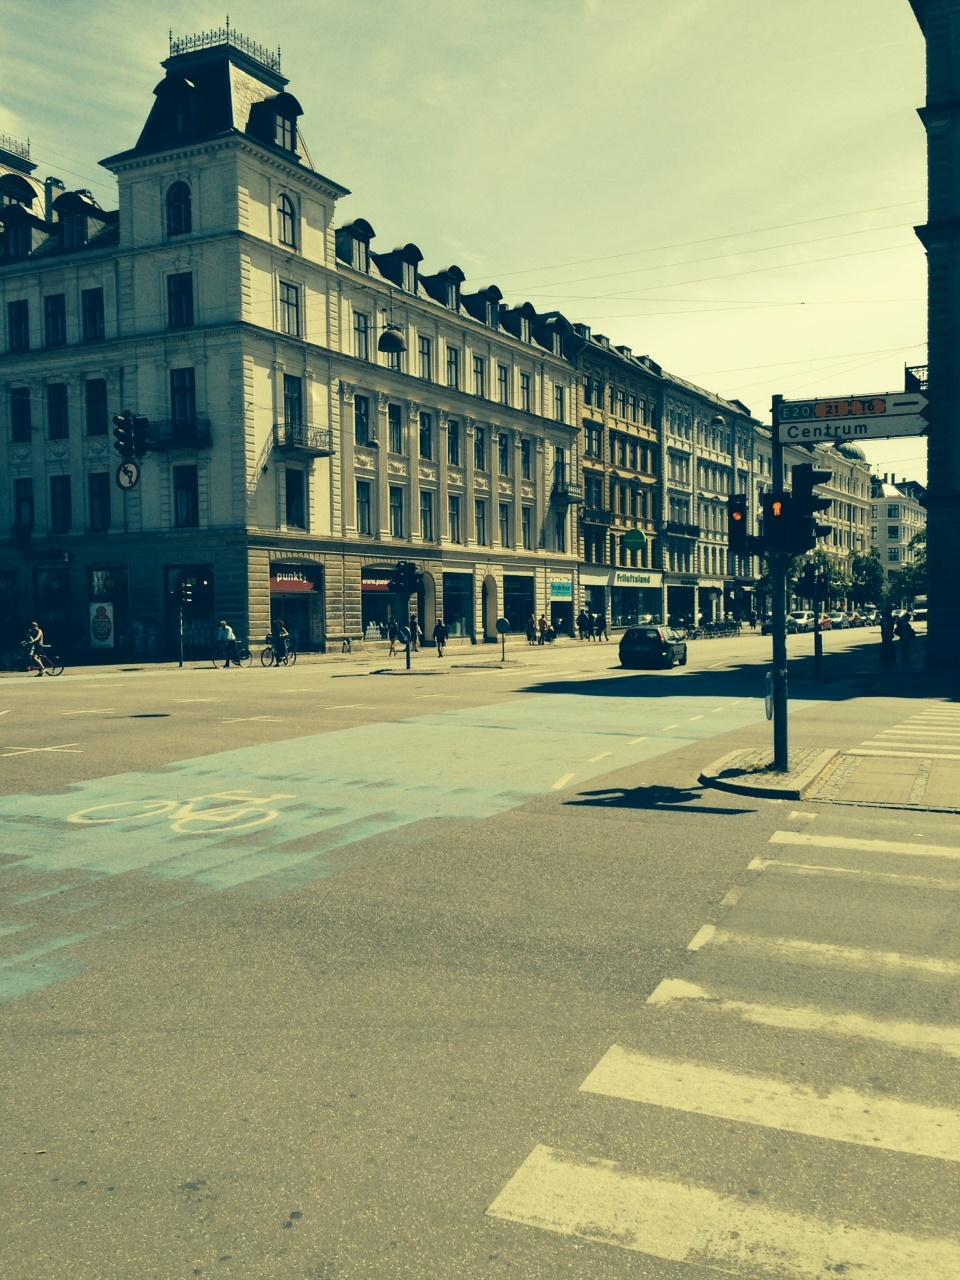 Kreuzung_Kopenhagen